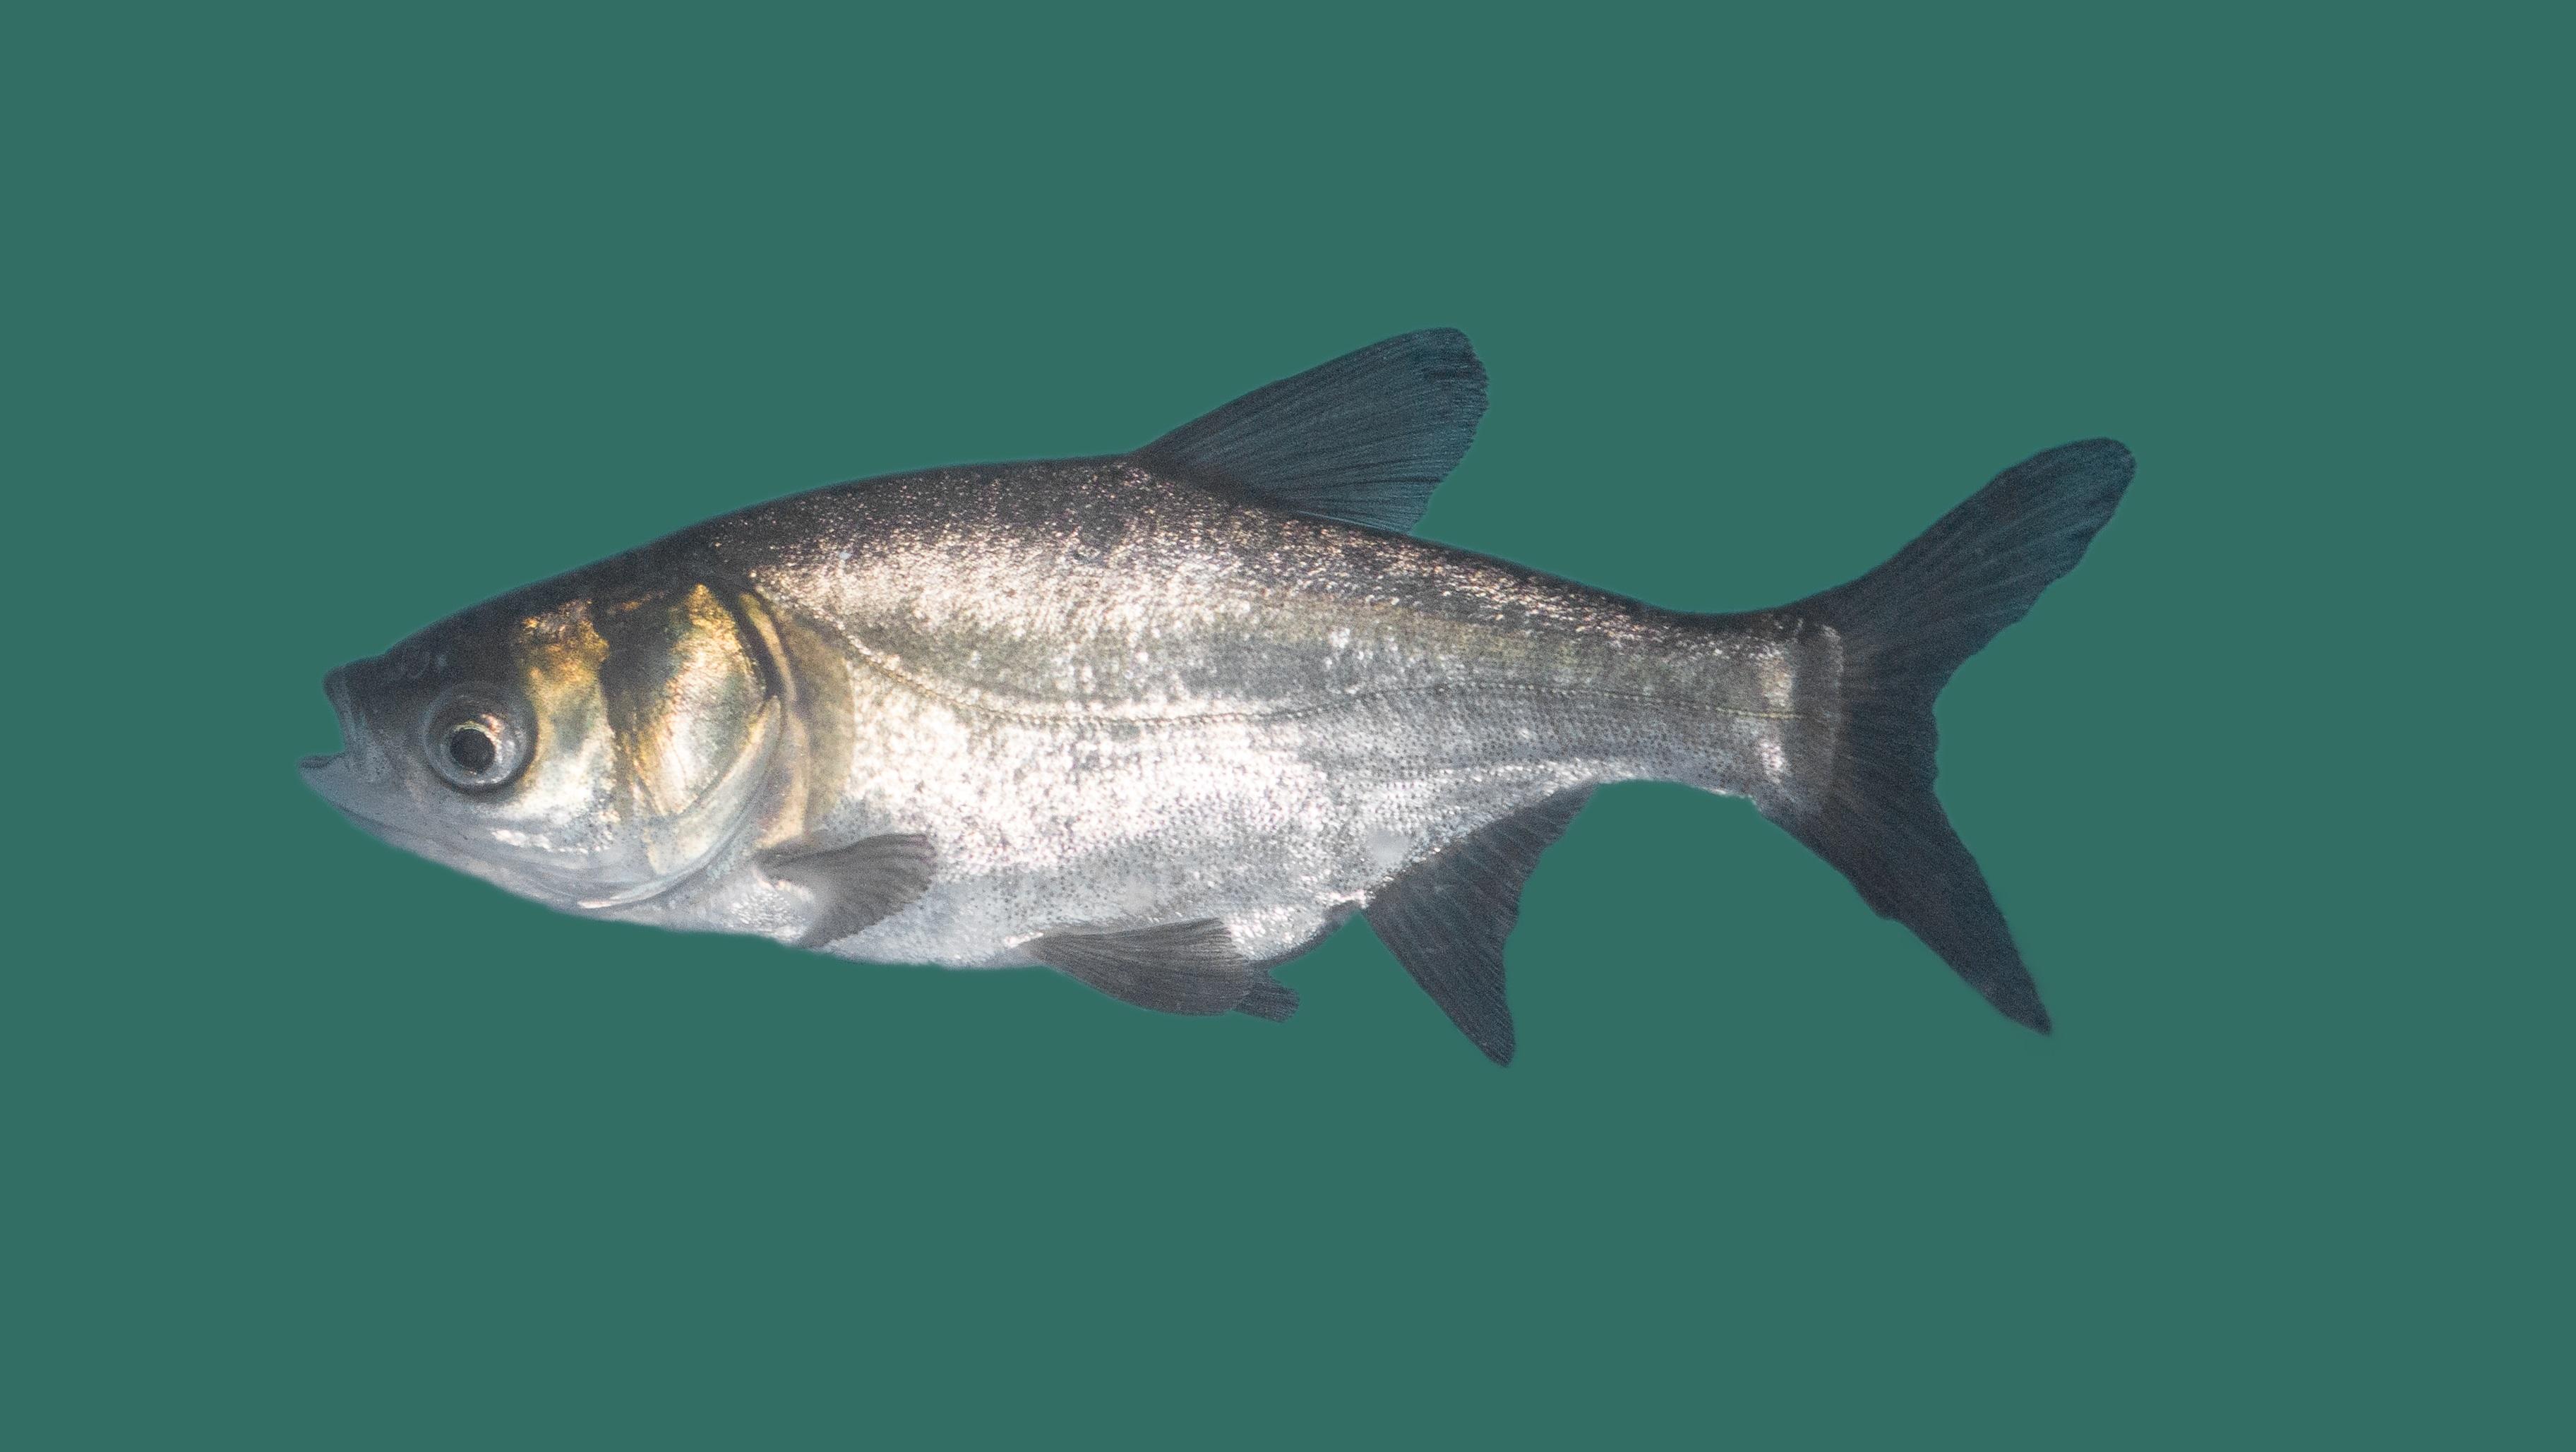 Silberkarpfen hypophthalmichthys molitrix teichfische for Teichfische algenfresser